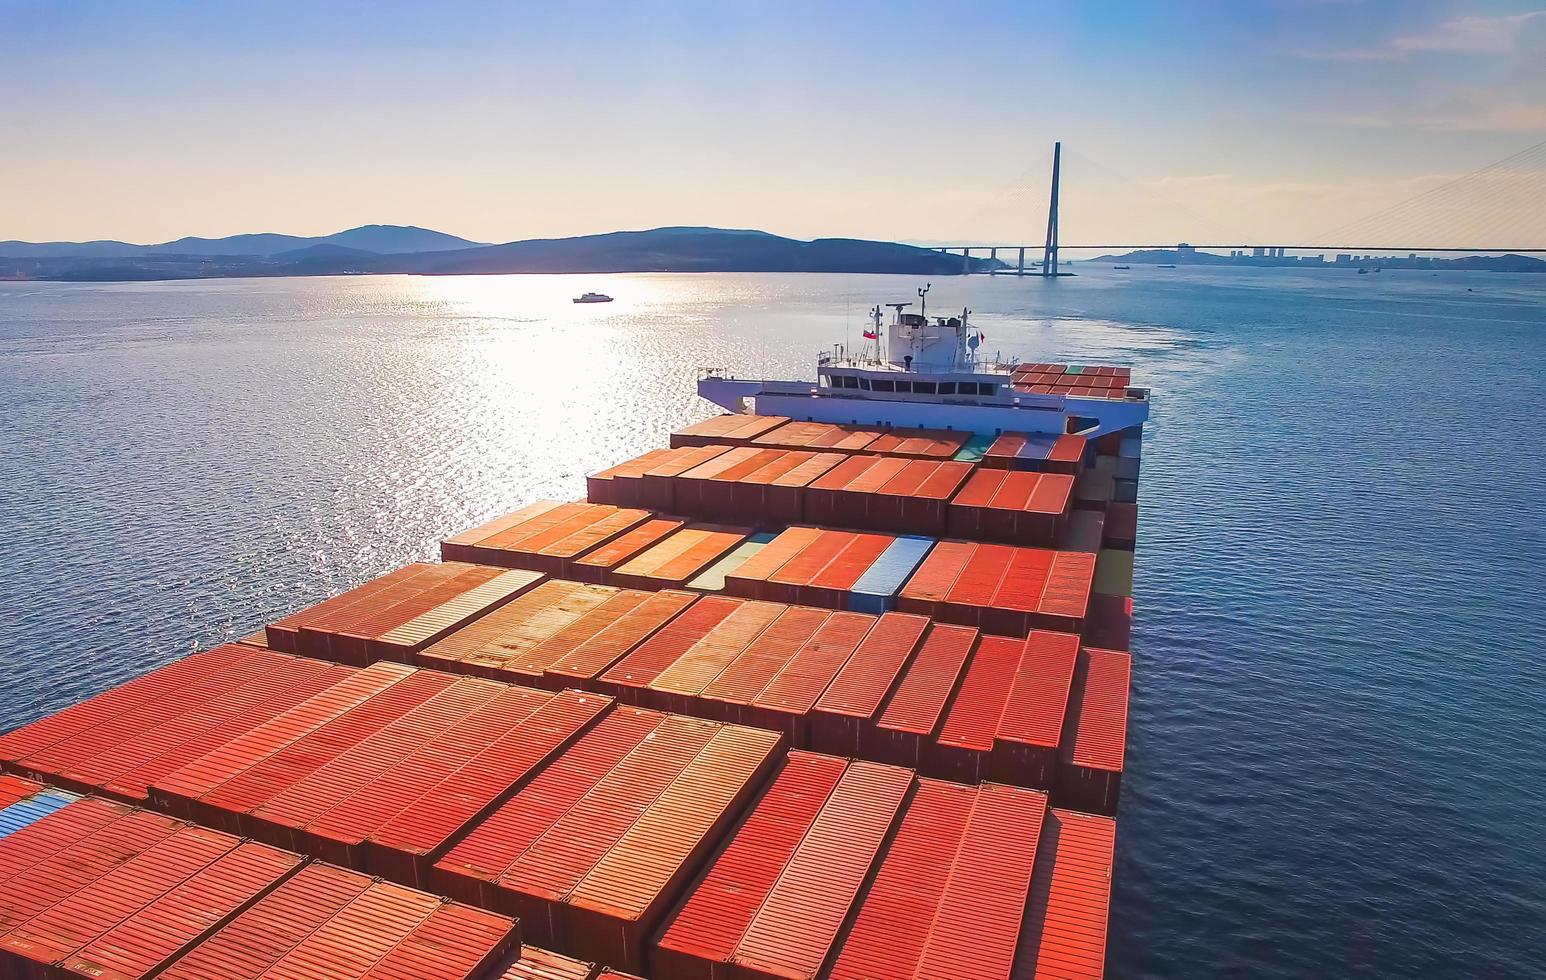 Barco de contenedores anclado en el puerto de rada en Vladivostok, Rusia foto